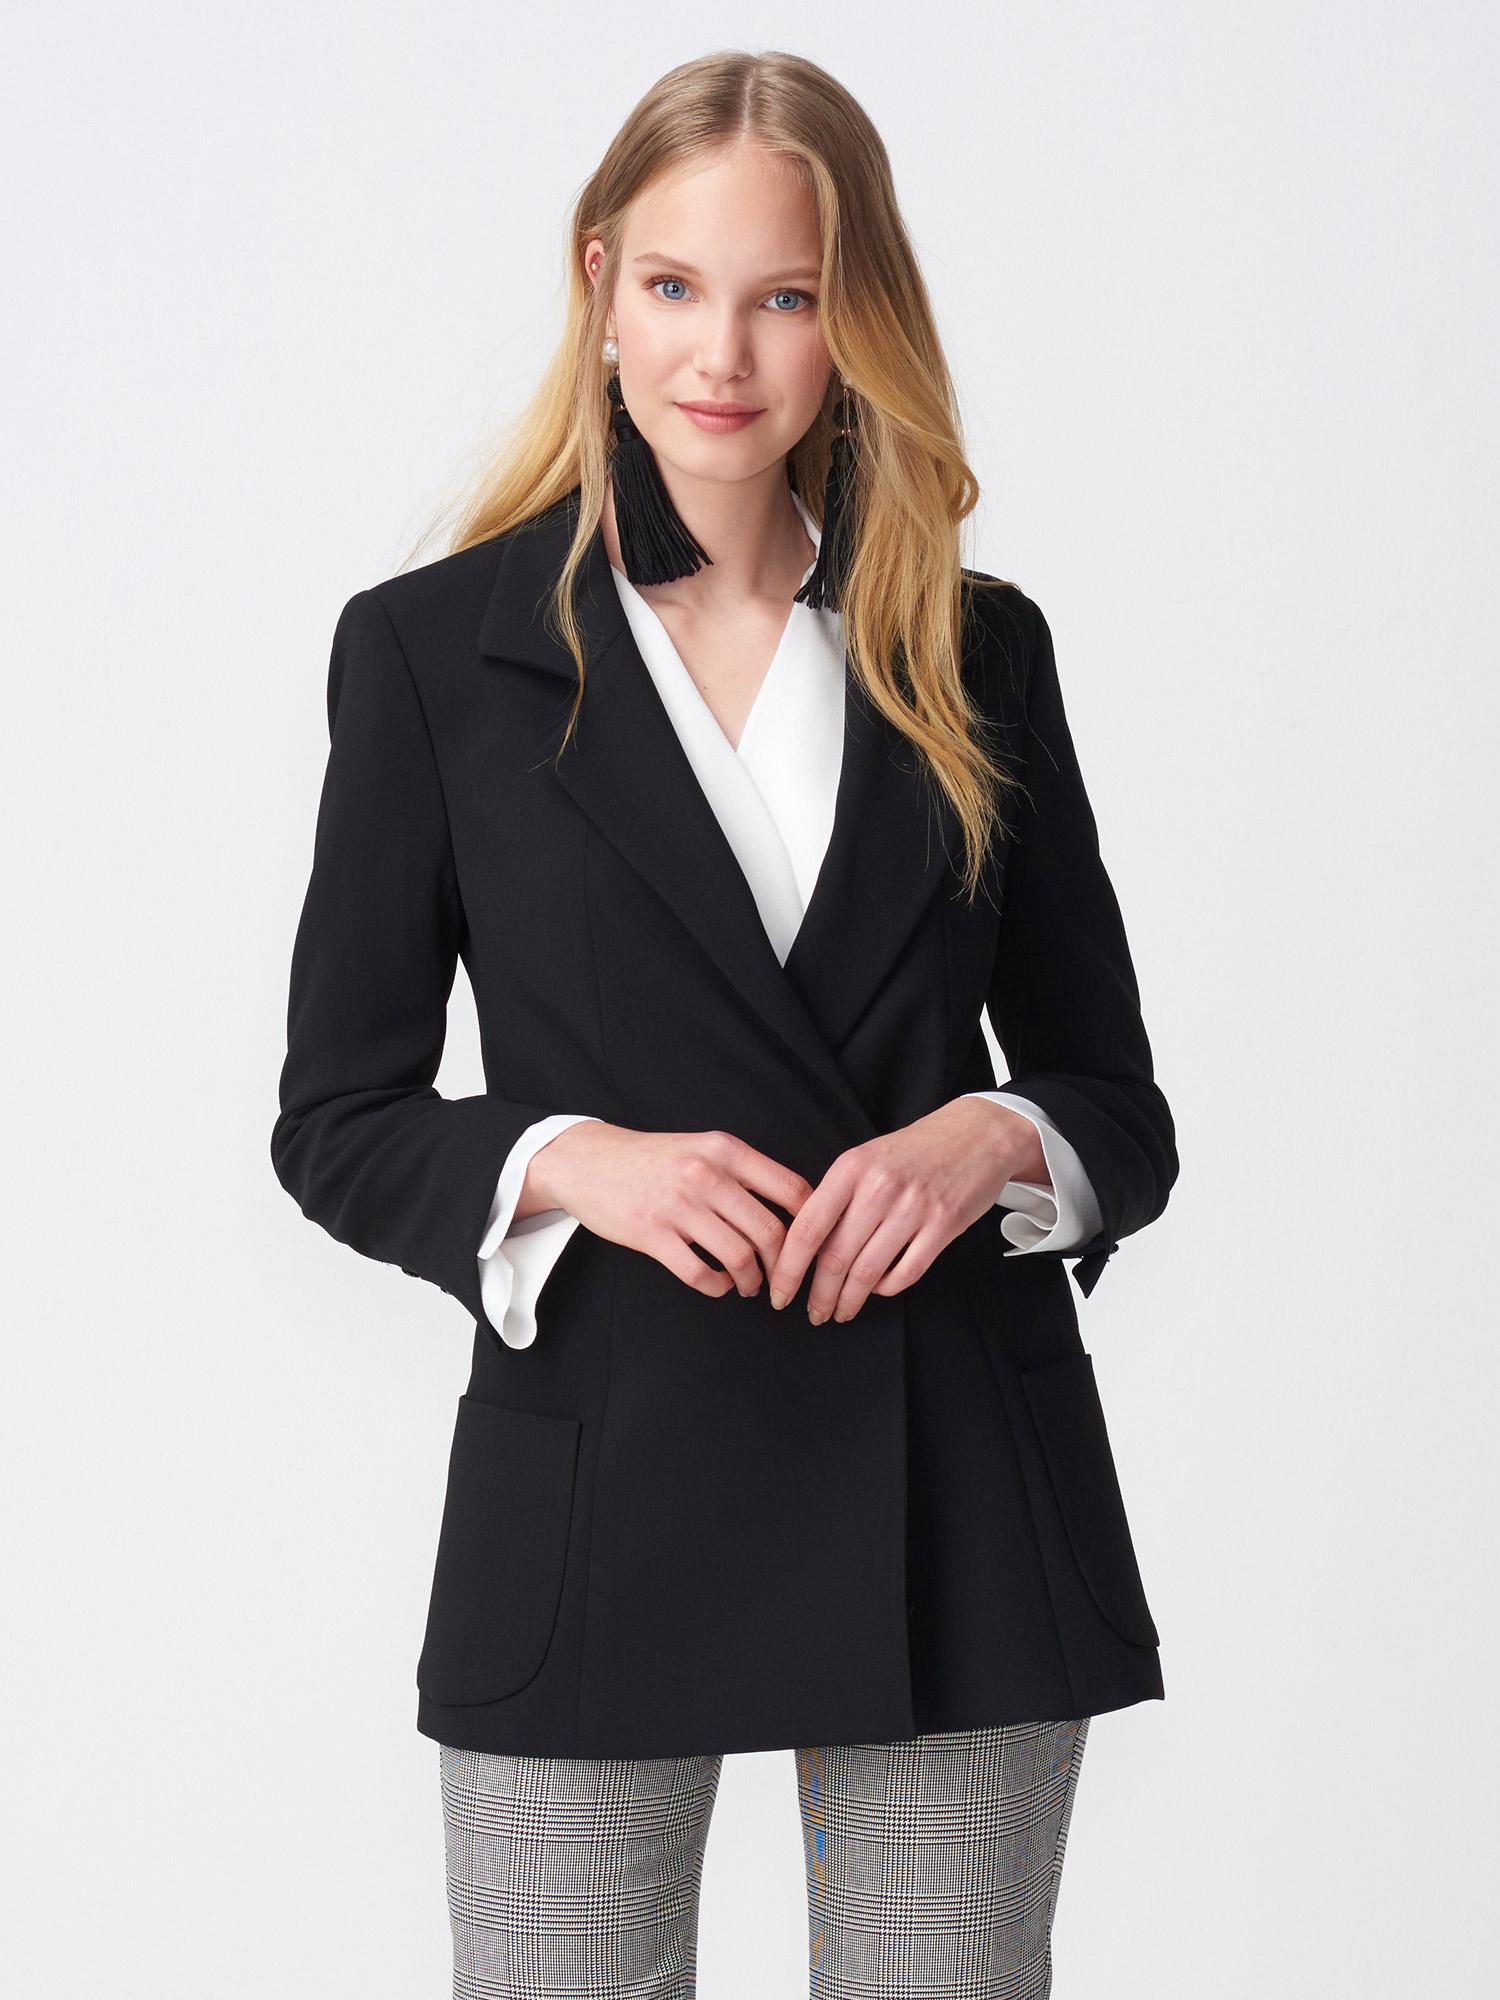 Kadın ceket modelleri, en şık tasarımlar ve renk seçenekleriyle al9mg7p1yos.gq da ayrıca özel kampanyaları ve kapıda ödeme fırsatını kaçırma!